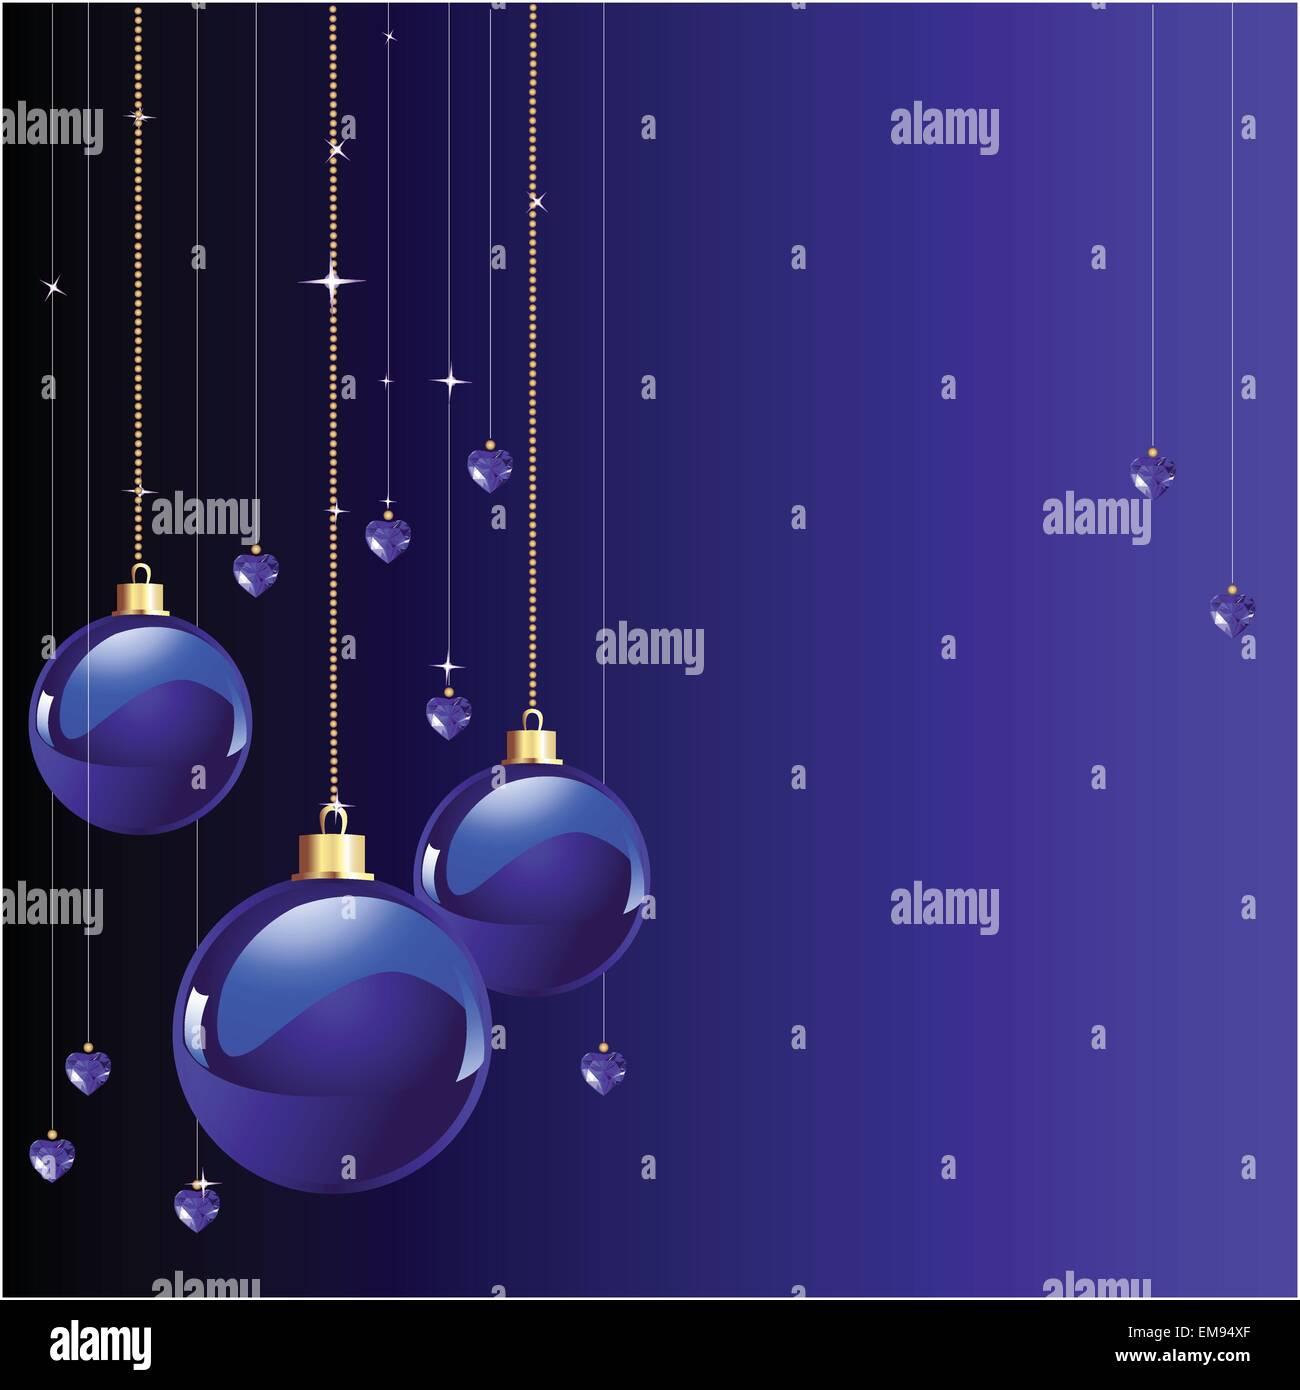 Tolle Frei Druckbare Färbung Weihnachtsseiten Galerie - Malvorlagen ...